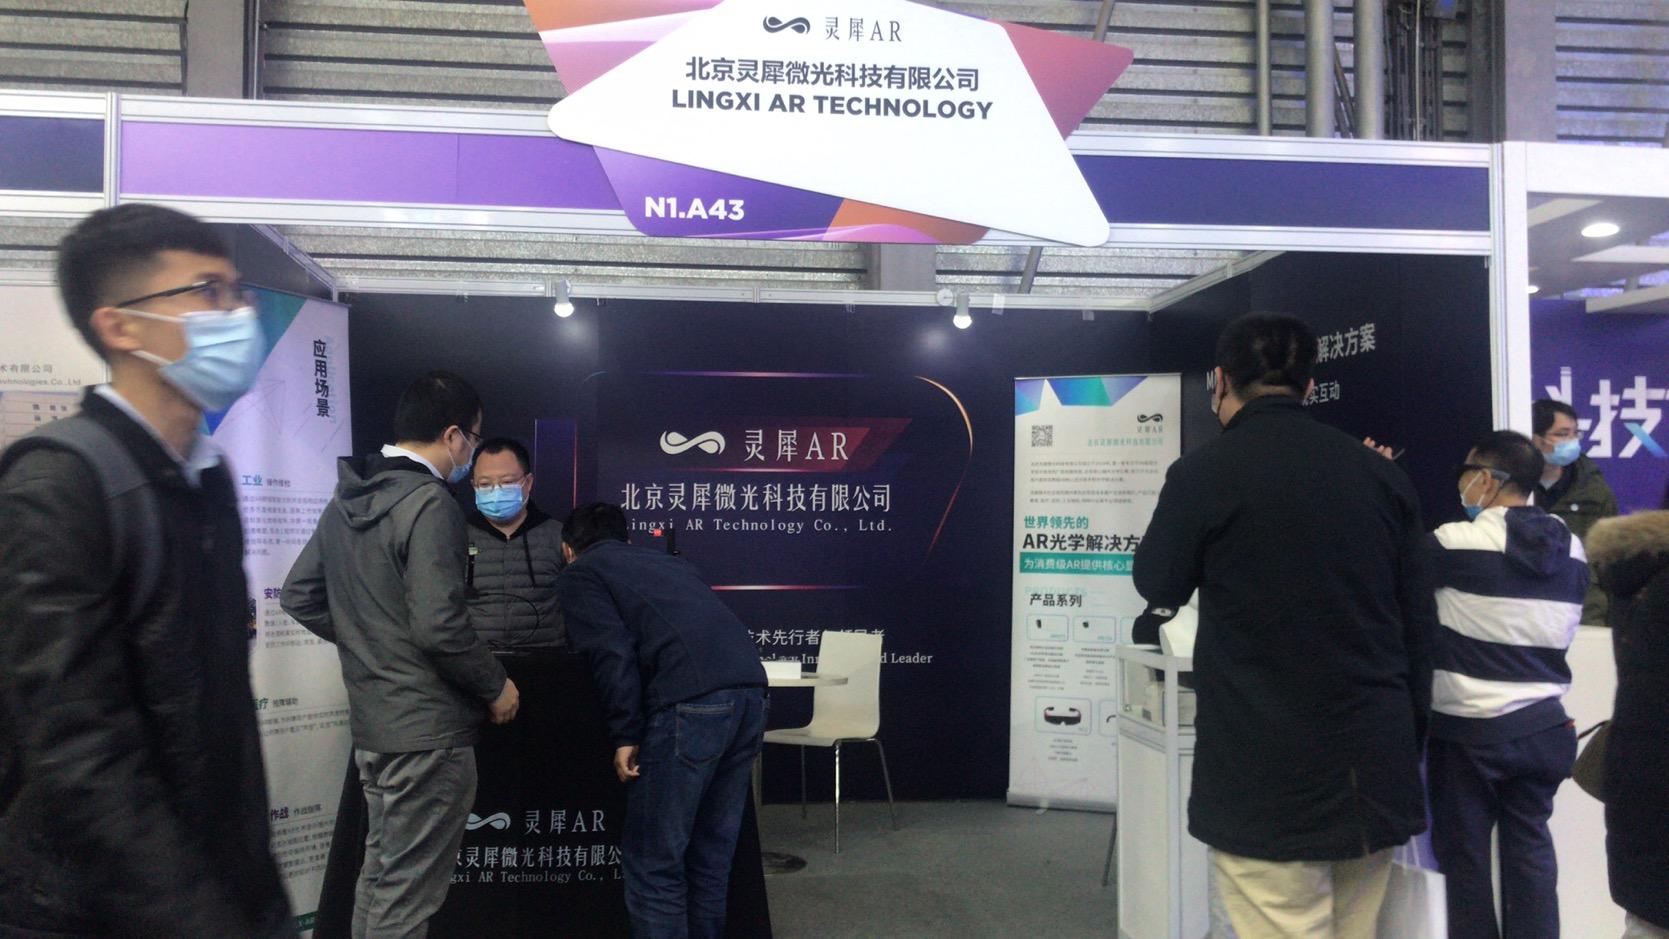 MWC2021丨灵犀微光展出新品光学模组AWO66,FOV高达42°,将于今年量产